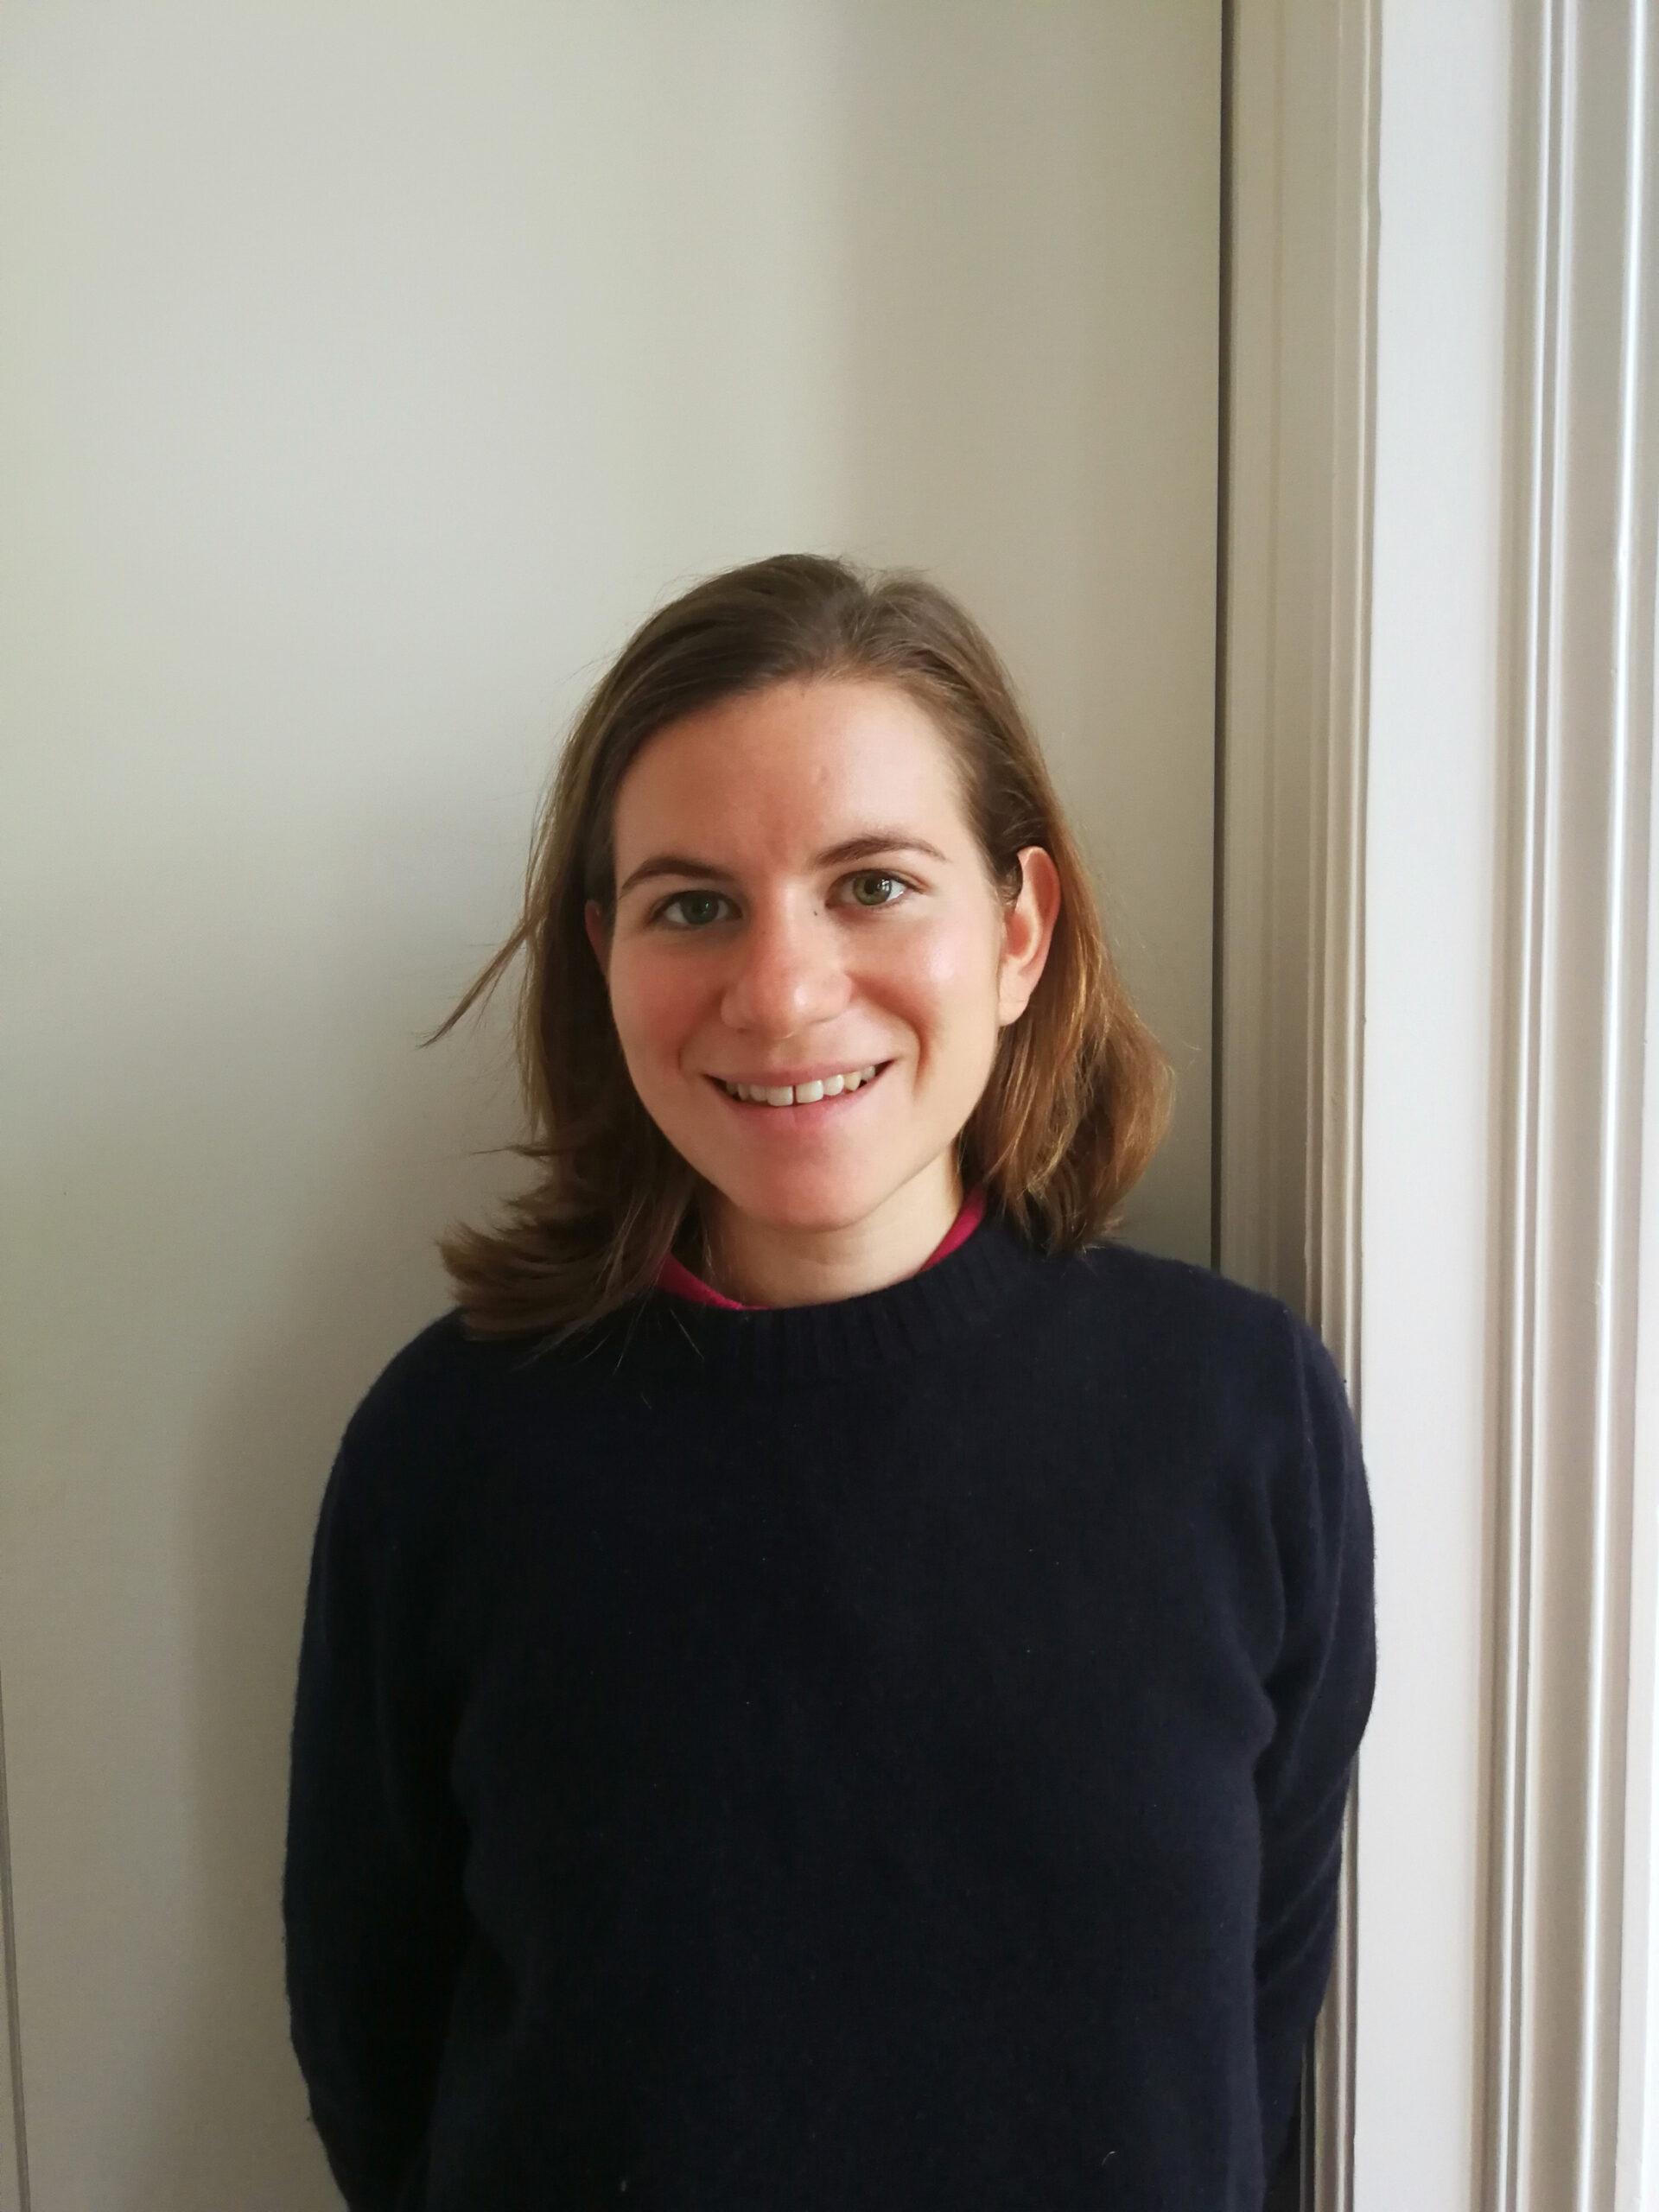 Isabella Reinhard